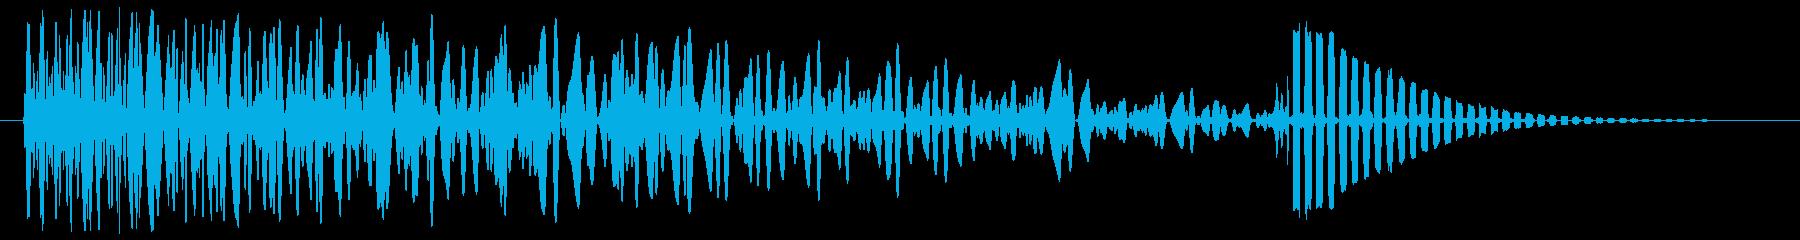 ボヨンッという飛躍音の再生済みの波形